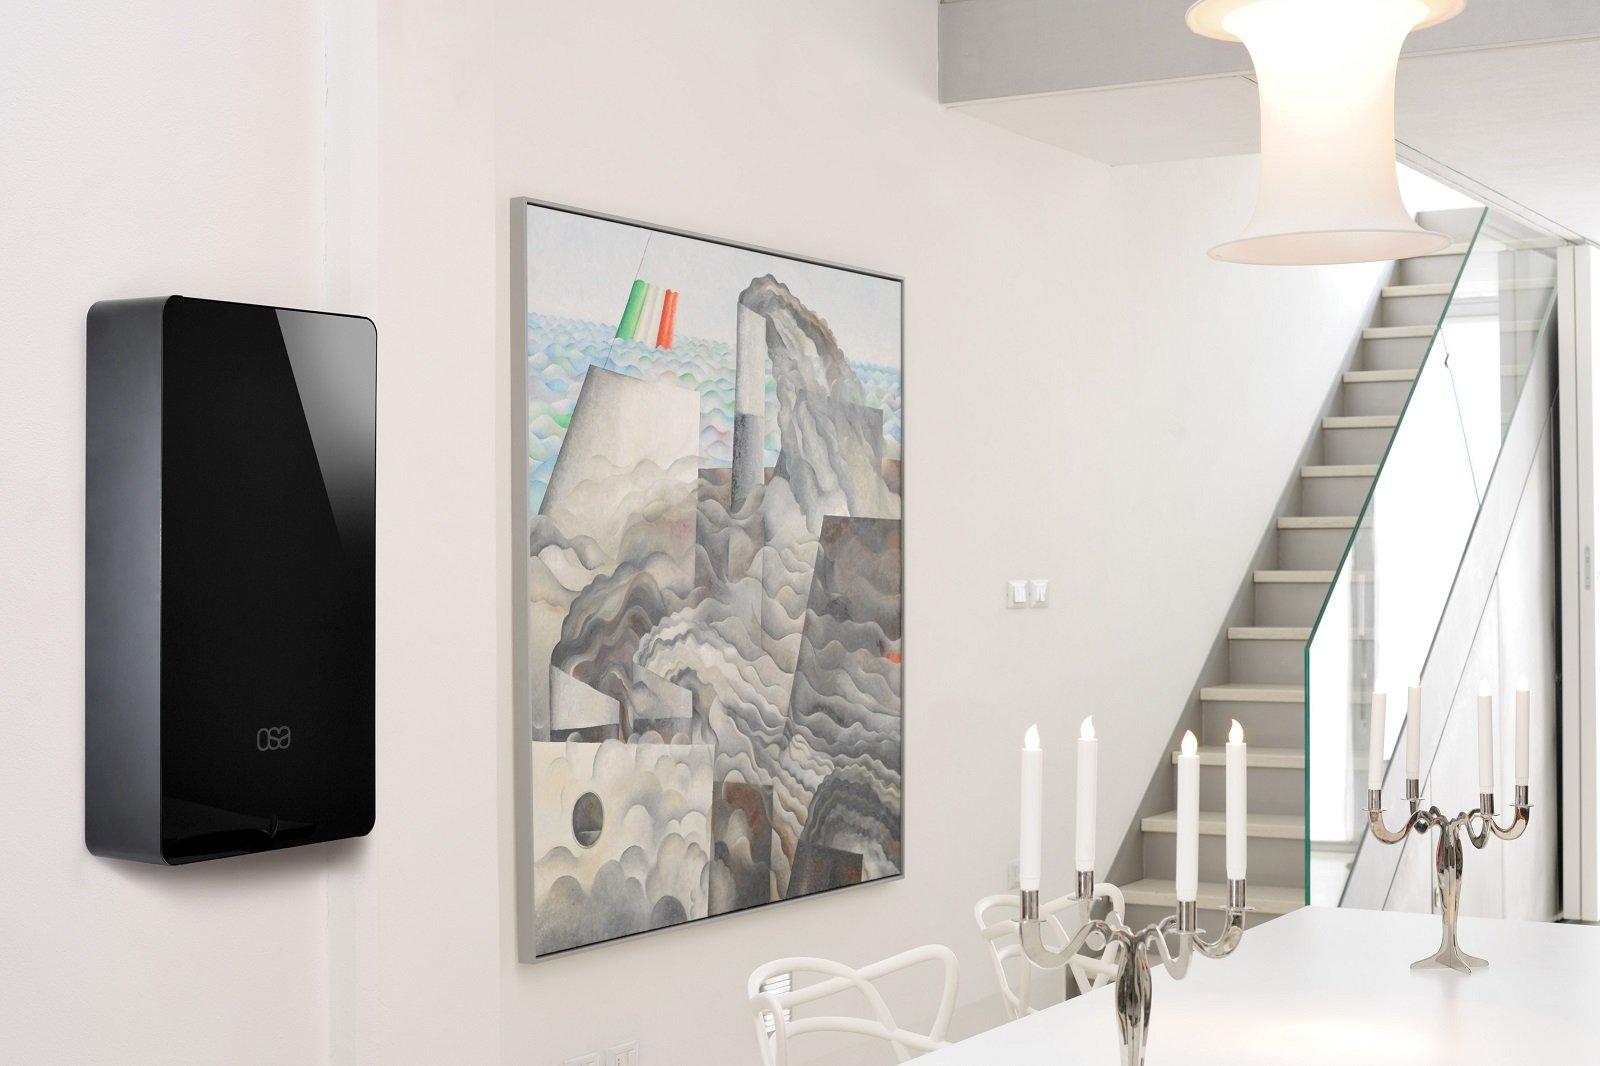 Caldaie belle il design che si abbina alla tecnologia - Caldaia per casa 3 piani ...